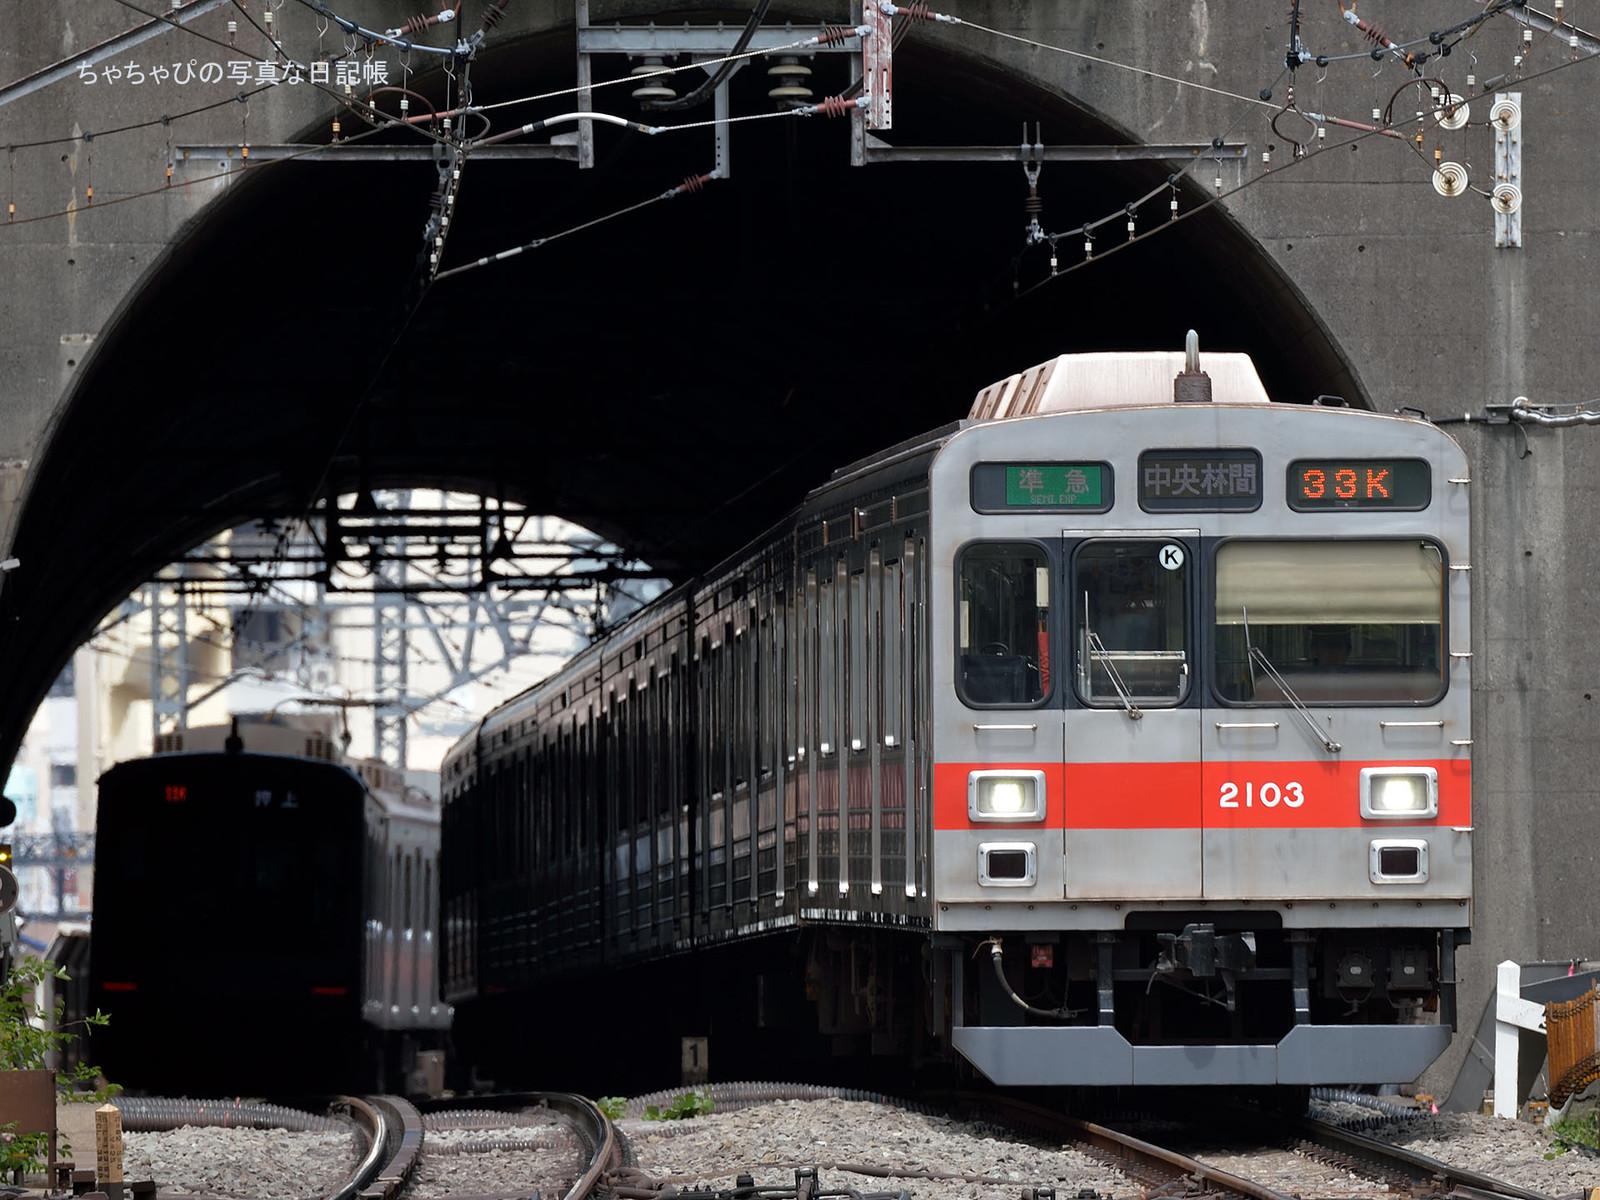 東急田園都市線 梶が谷駅 2003F